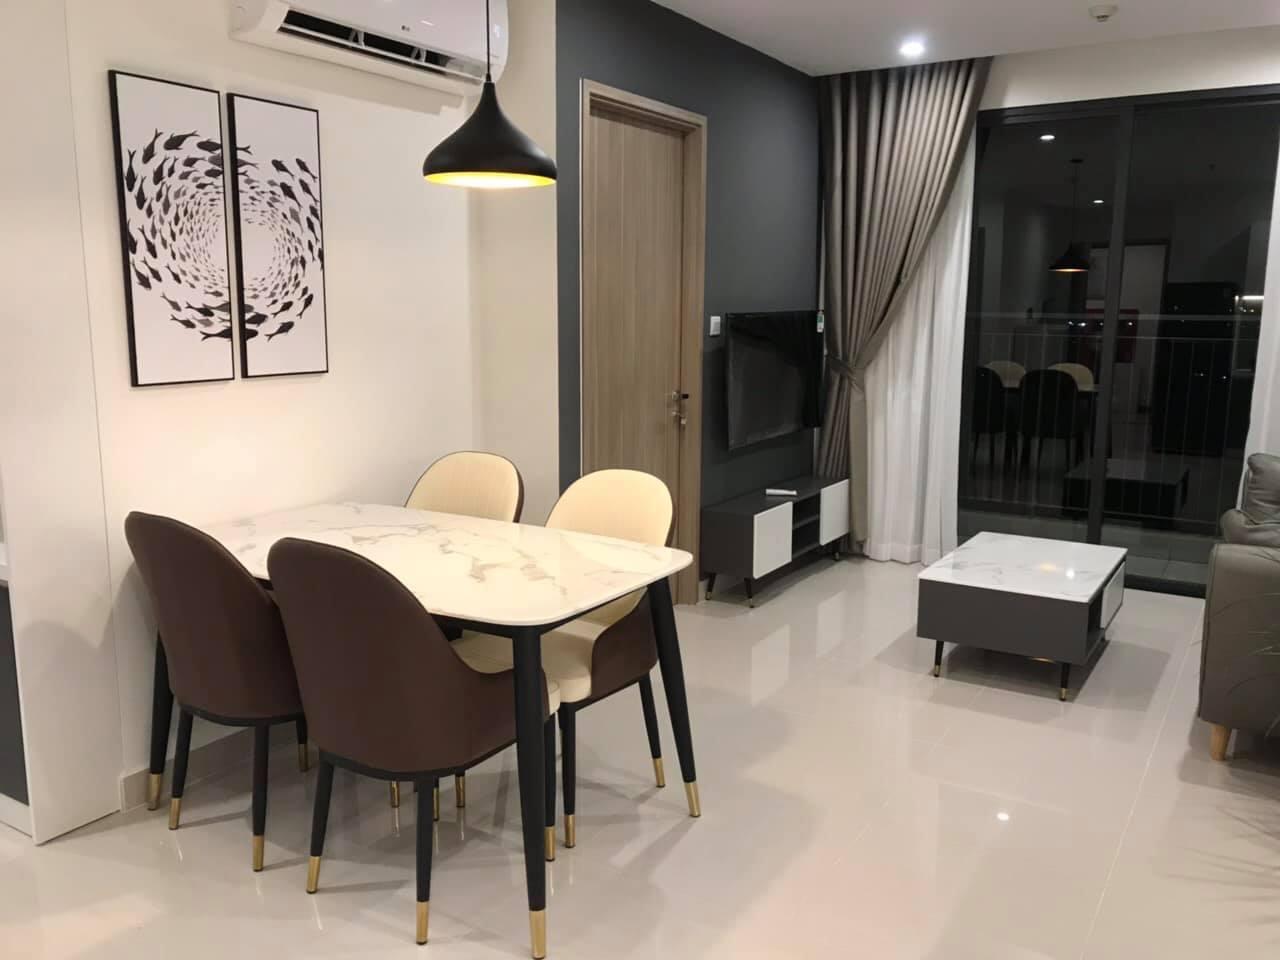 Căn hộ 2 phòng ngủ nội thất đầy đủ tầng 5 toà S2.03 giá 8tr/tháng